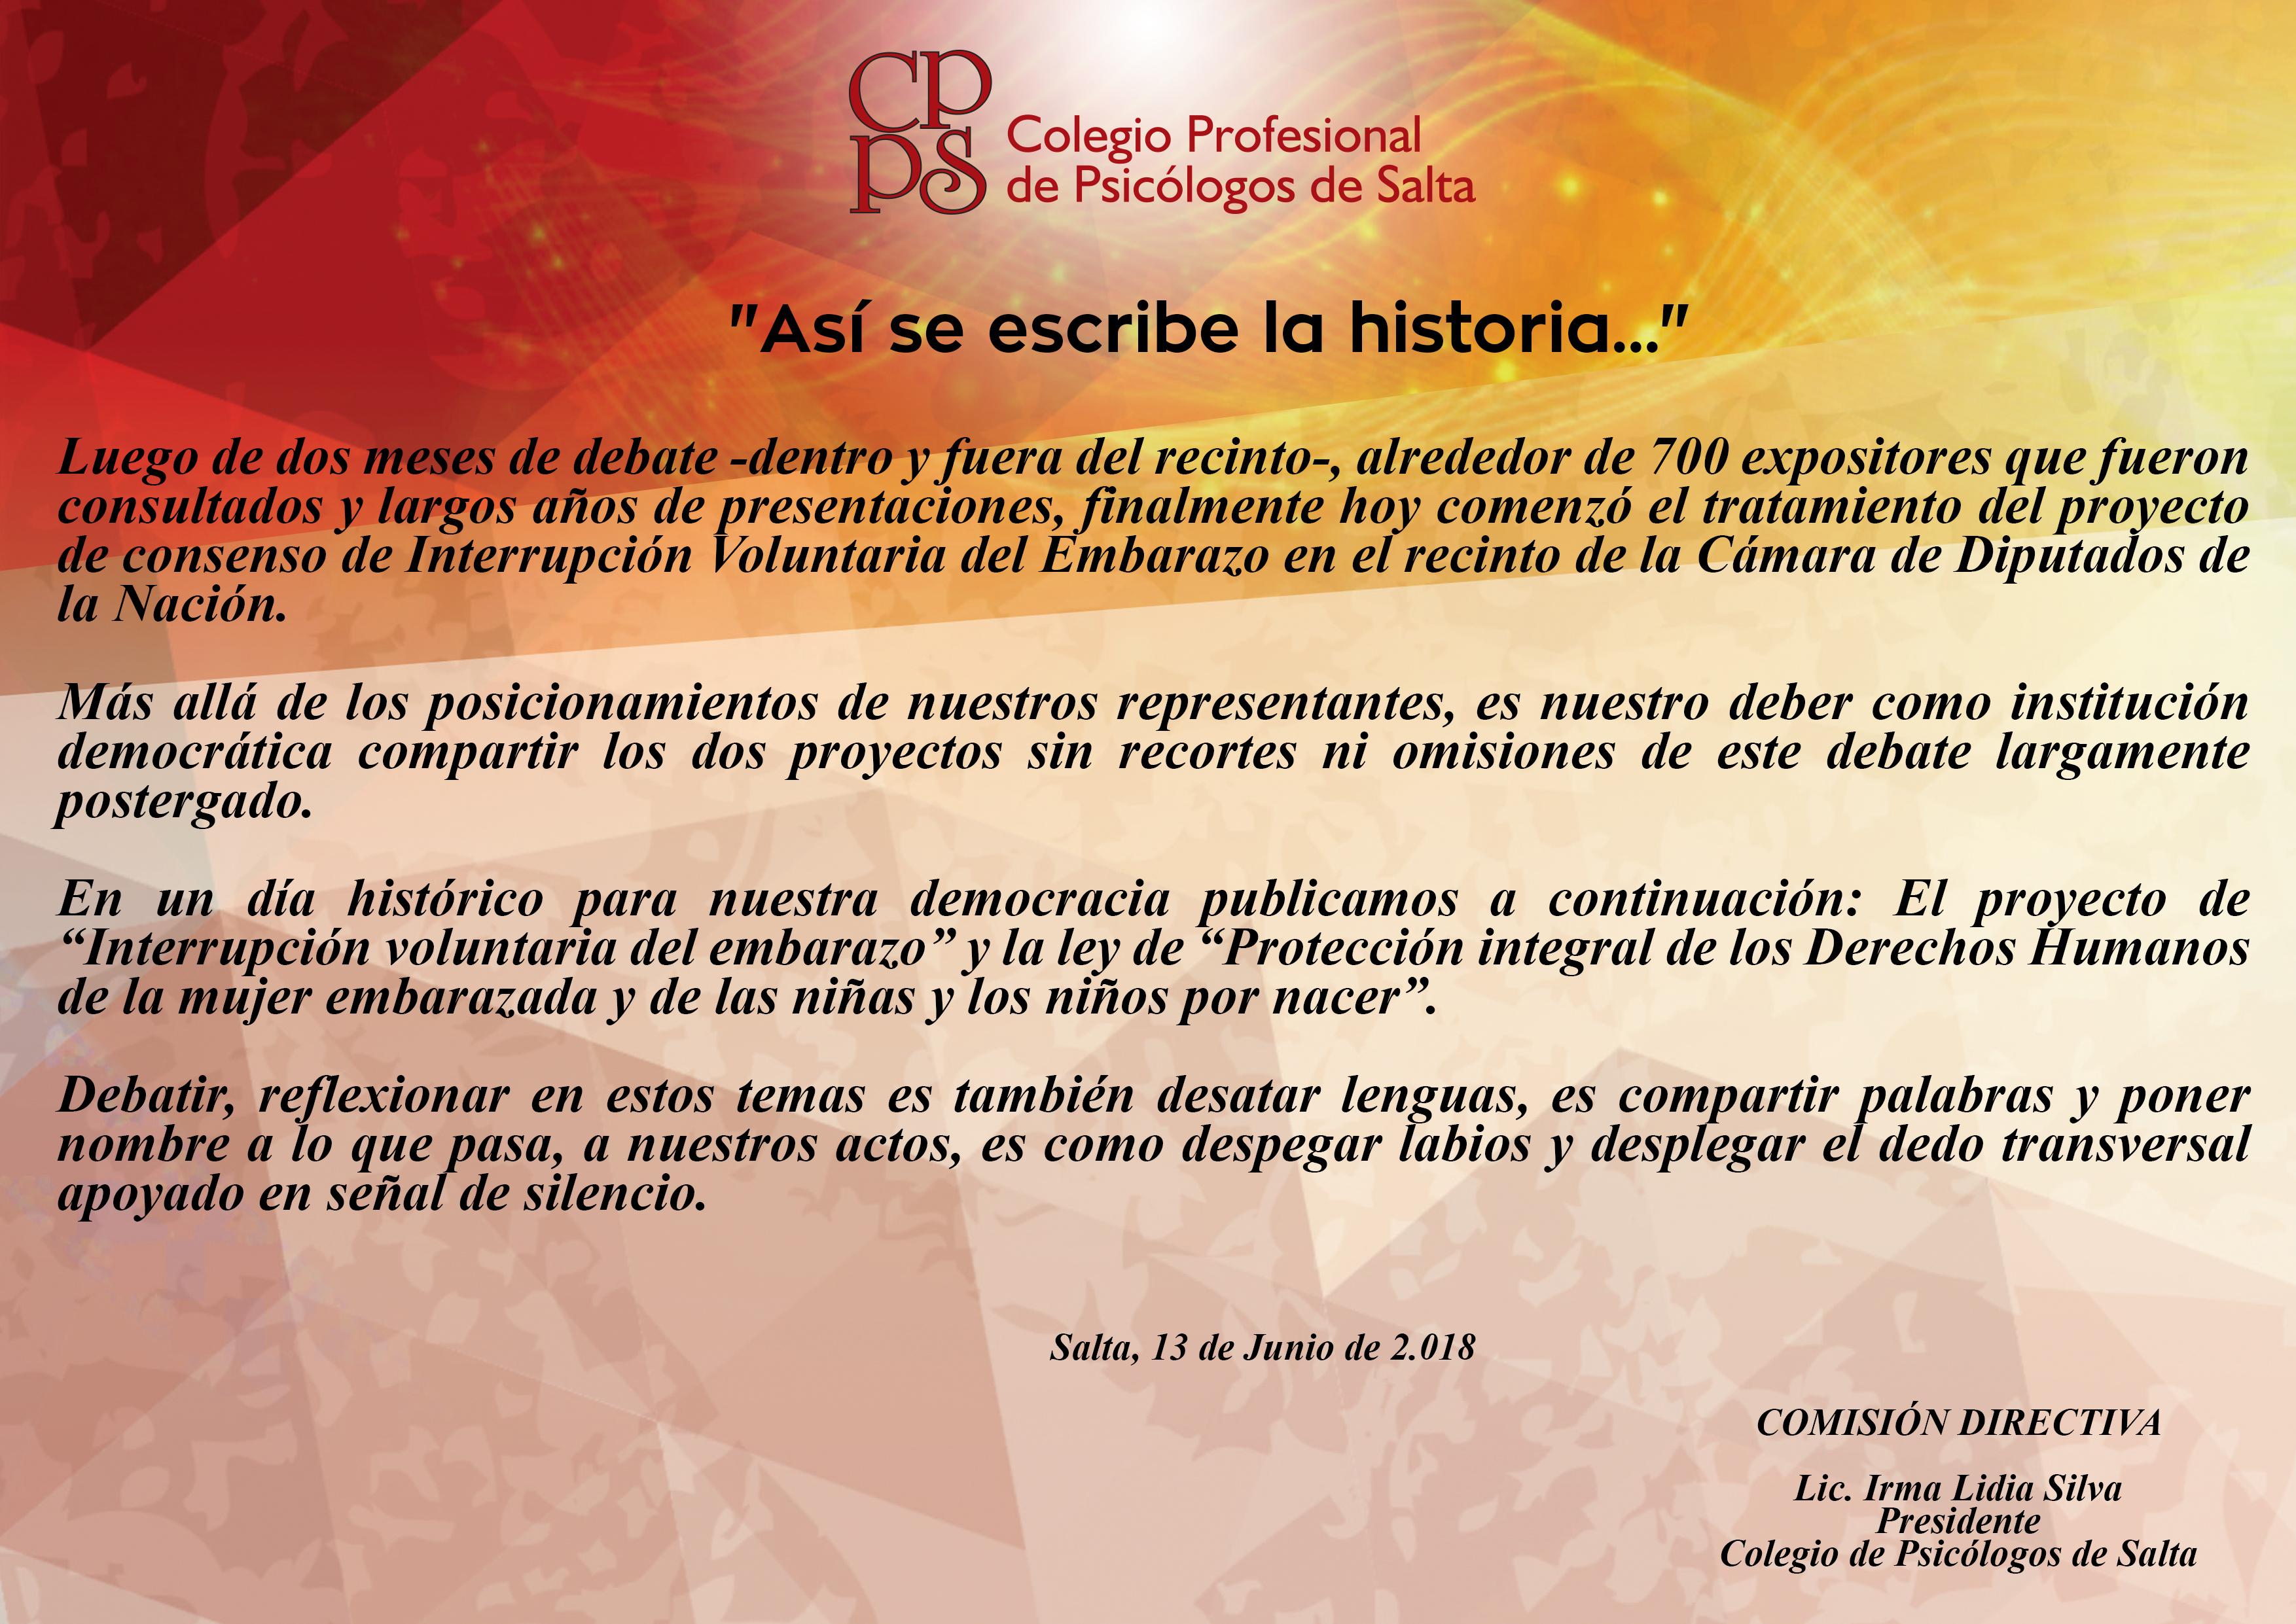 0e59ccf33 Interrupción Voluntaria del Embarazo - Colegio Profesional de Psicólogos de  Salta